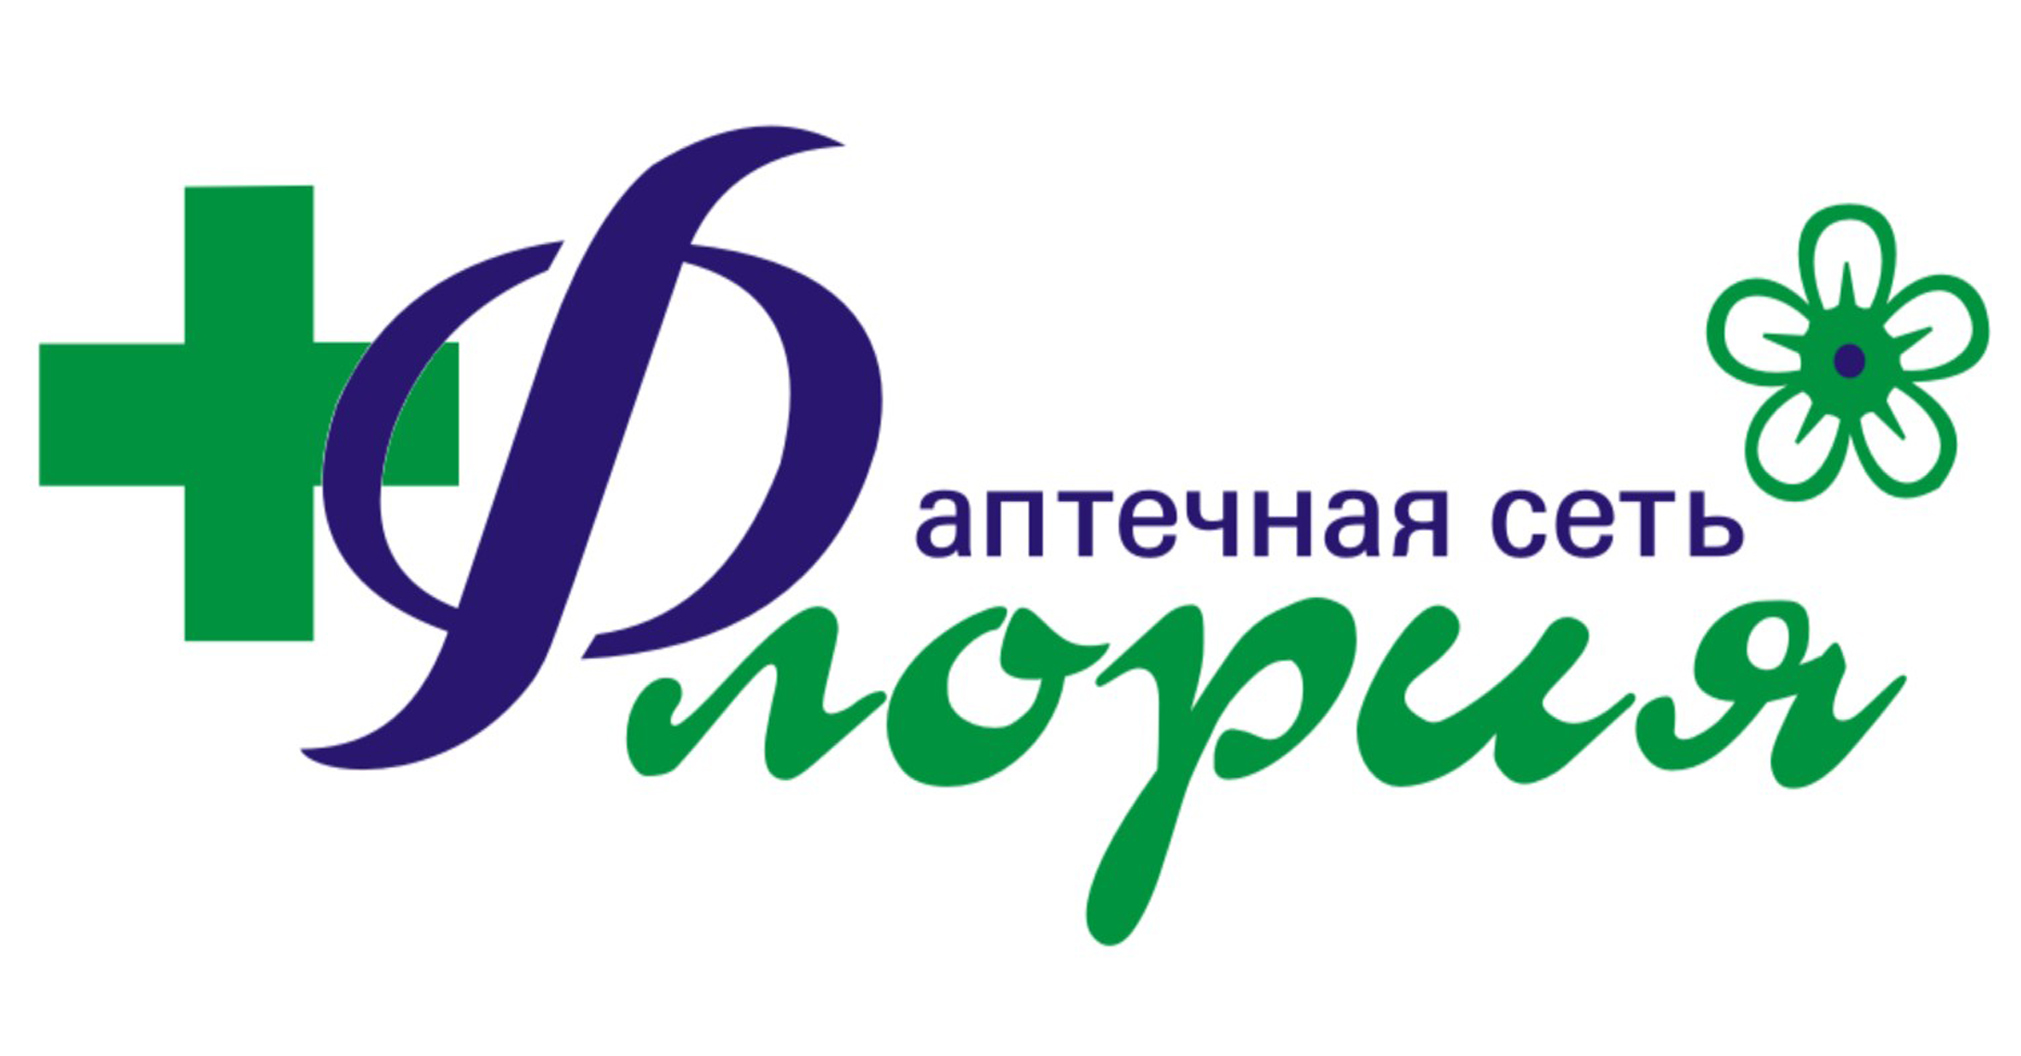 Работа в компании «Аптечная сеть Флория» в Москвы